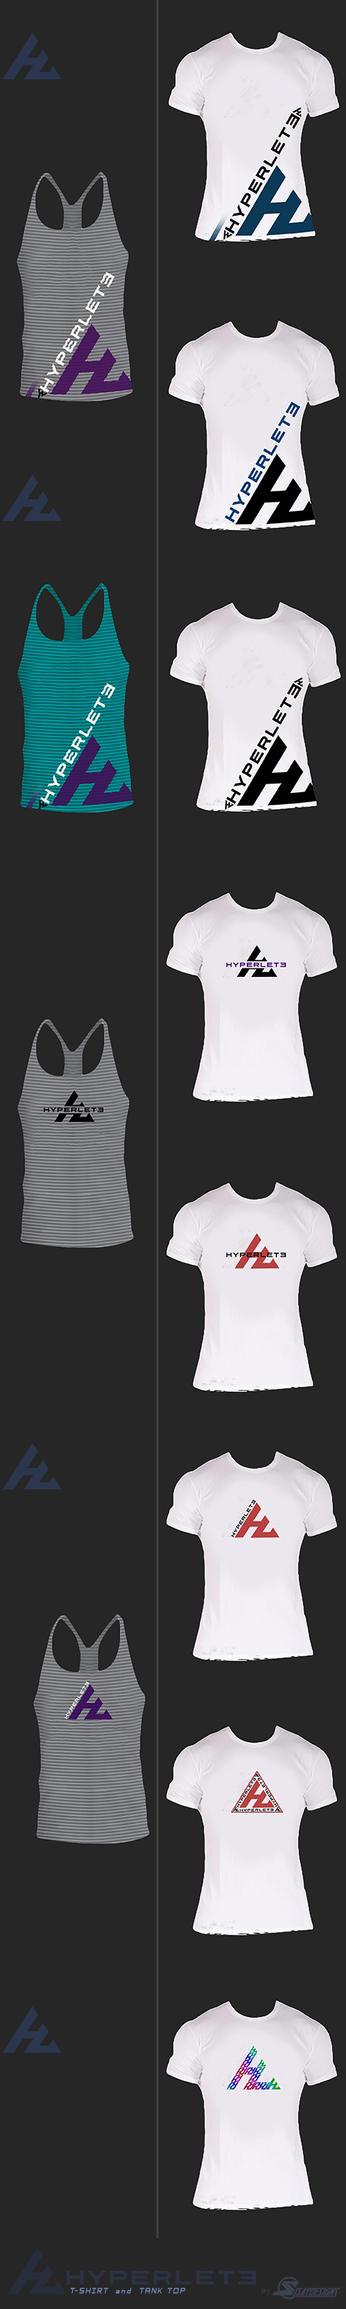 Tshirt design by SisayDesigns